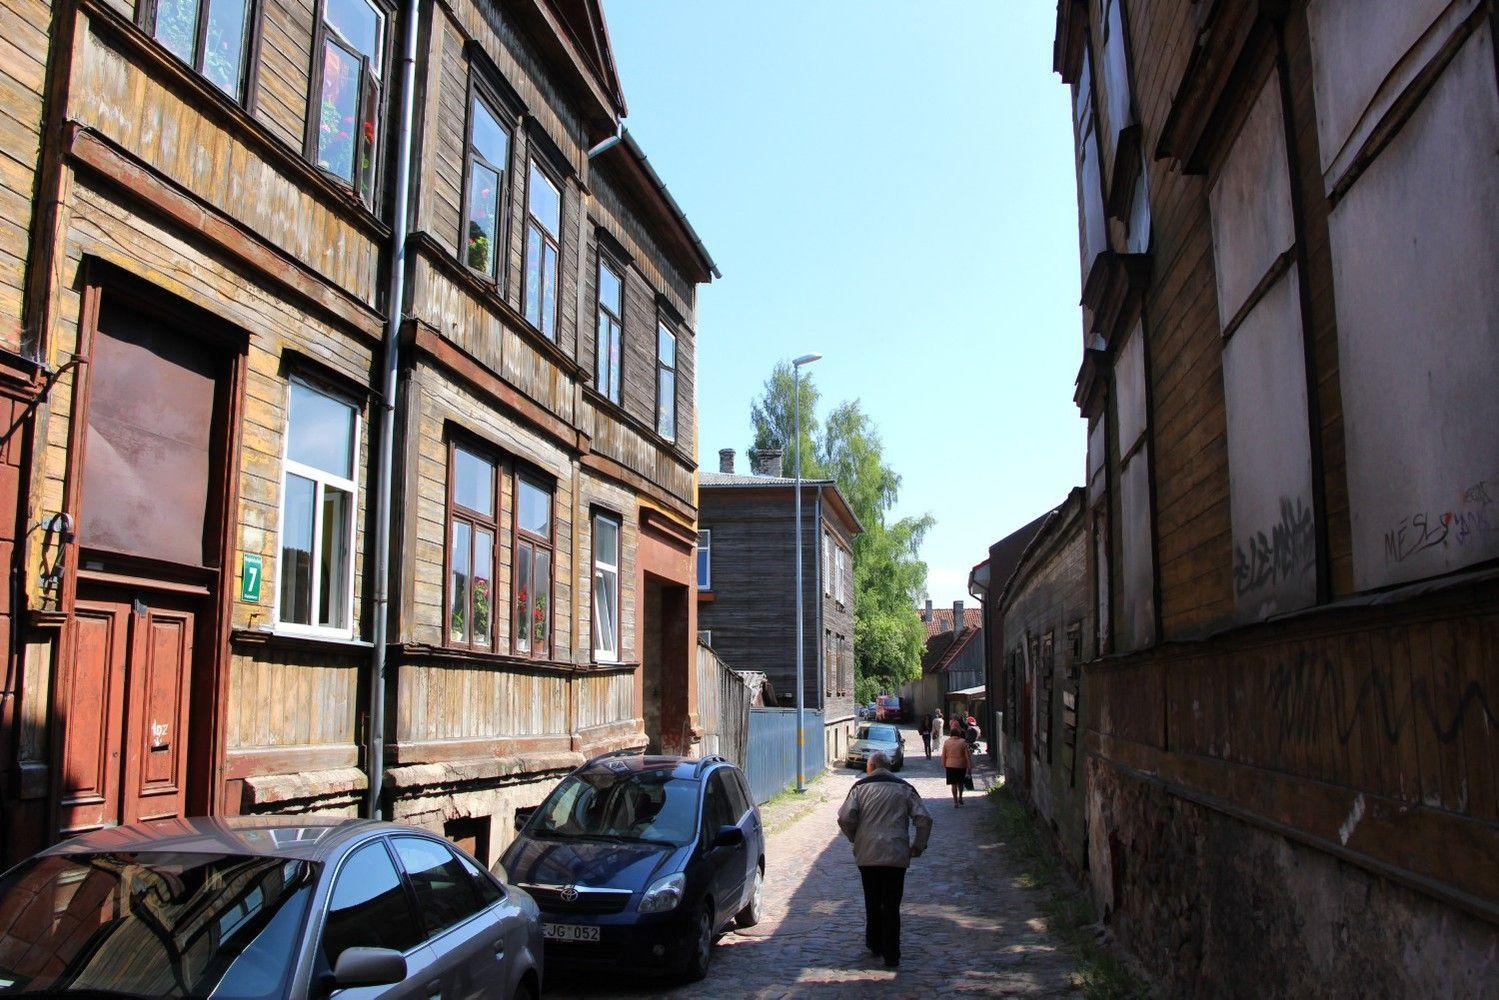 Lietuviai išnaudoja nepatrauklią latviams teritoriją: Liepoja masina pigiu būstu